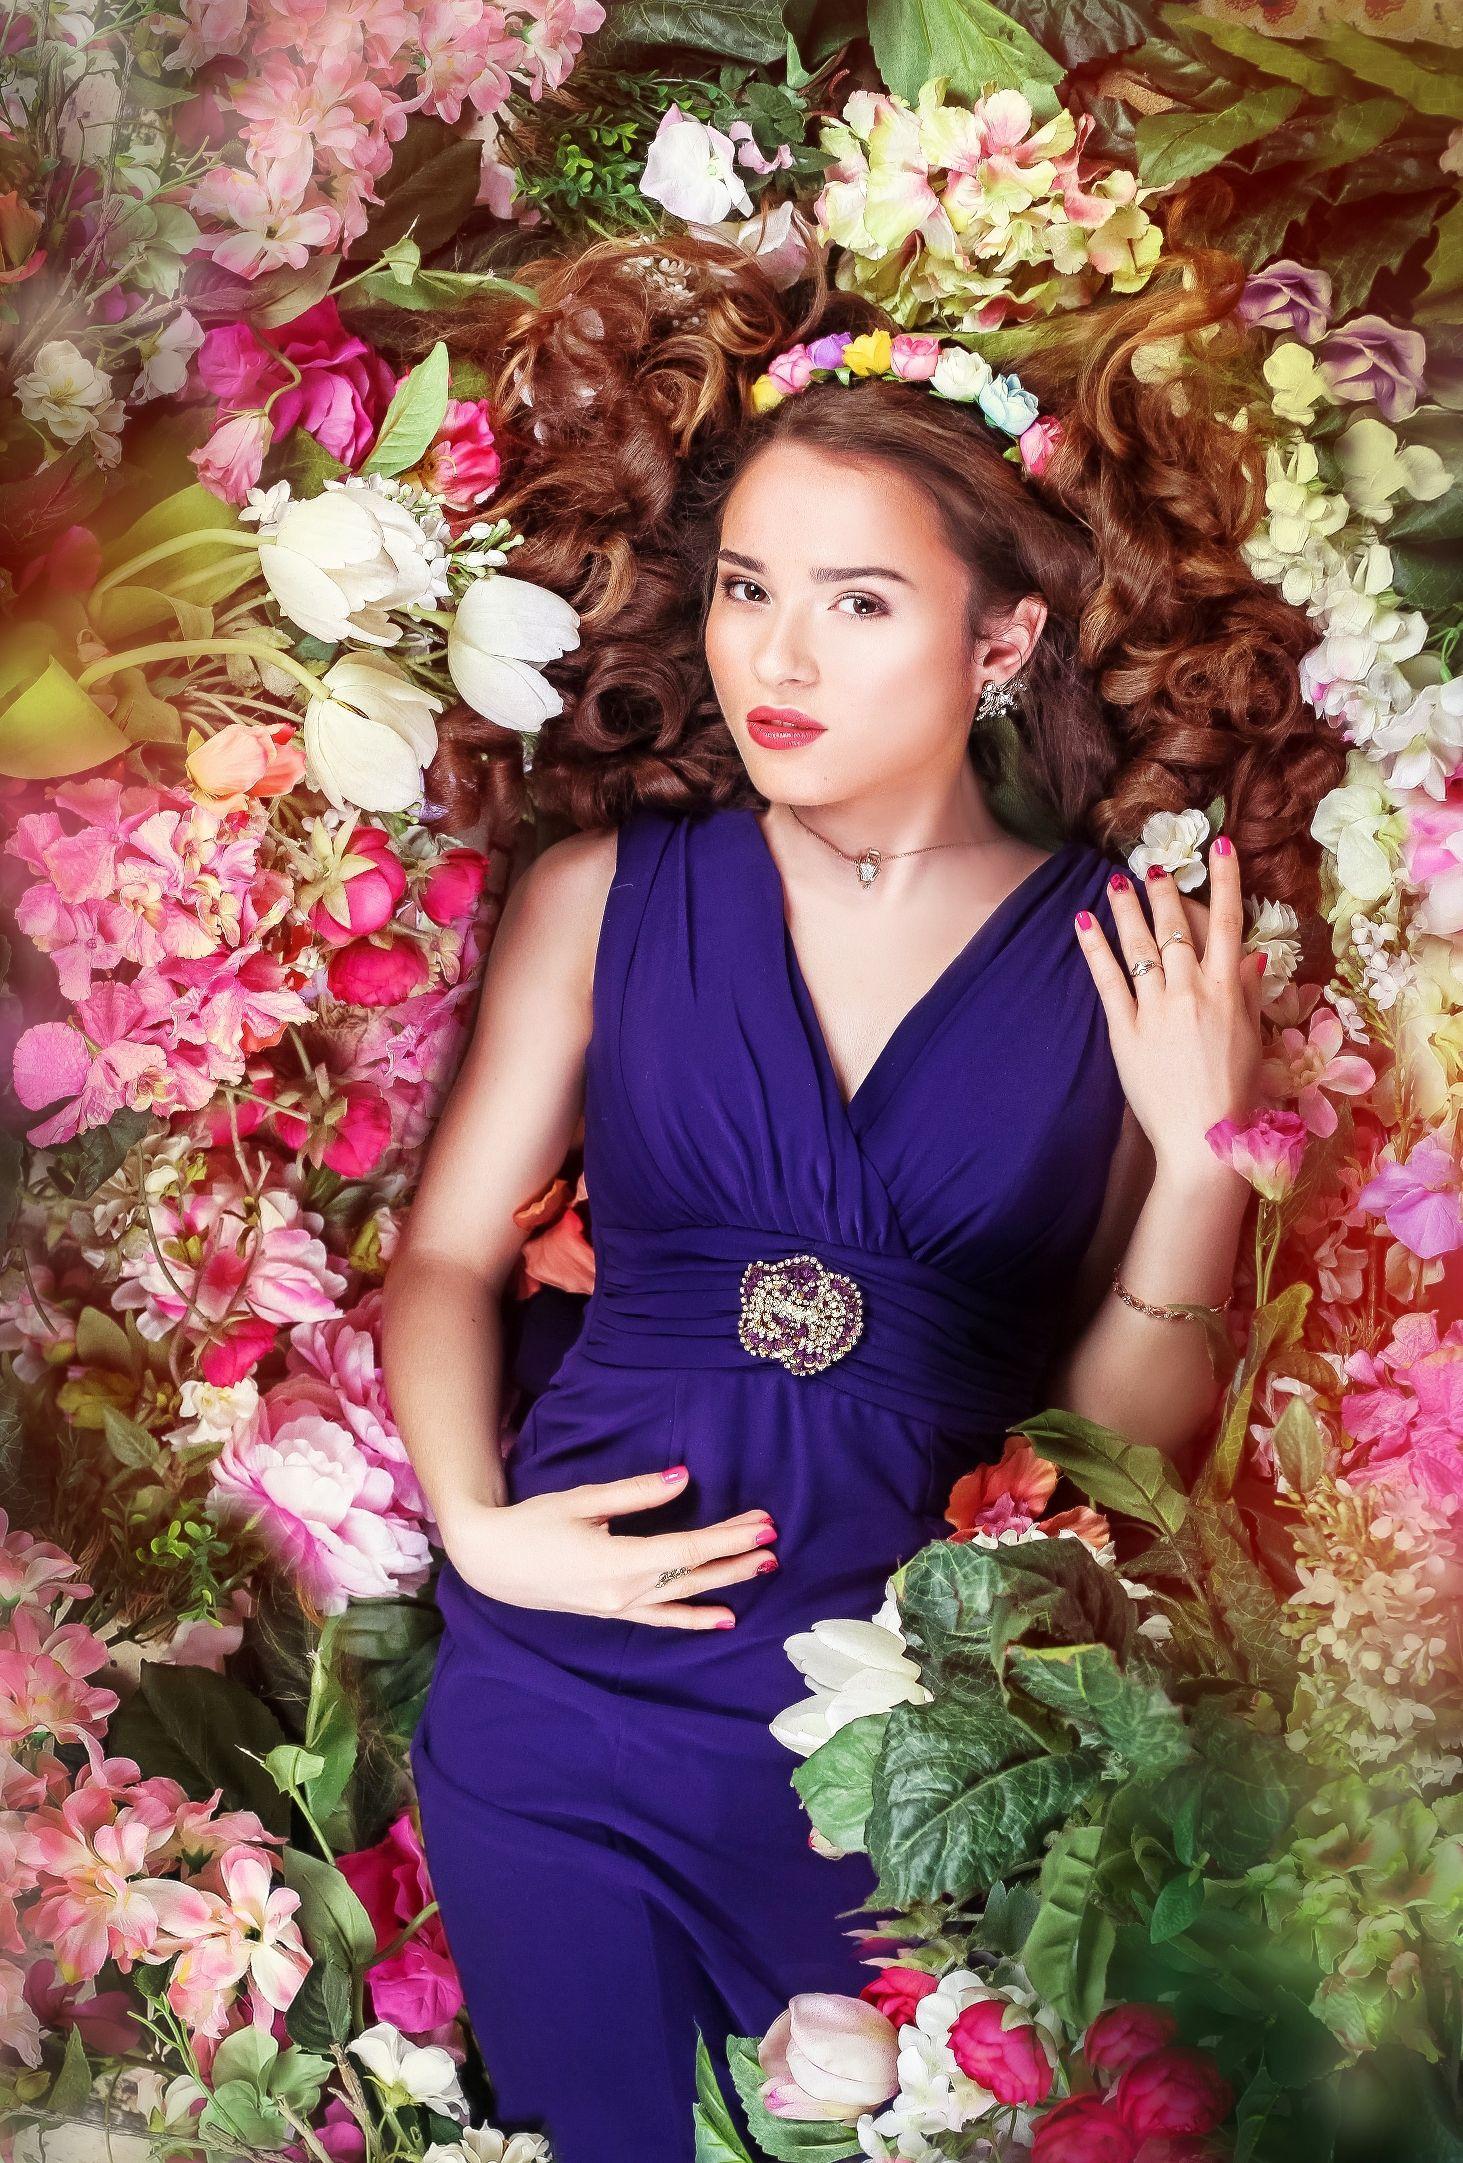 кухонные идеи фотосессии в цветочном платье личностного